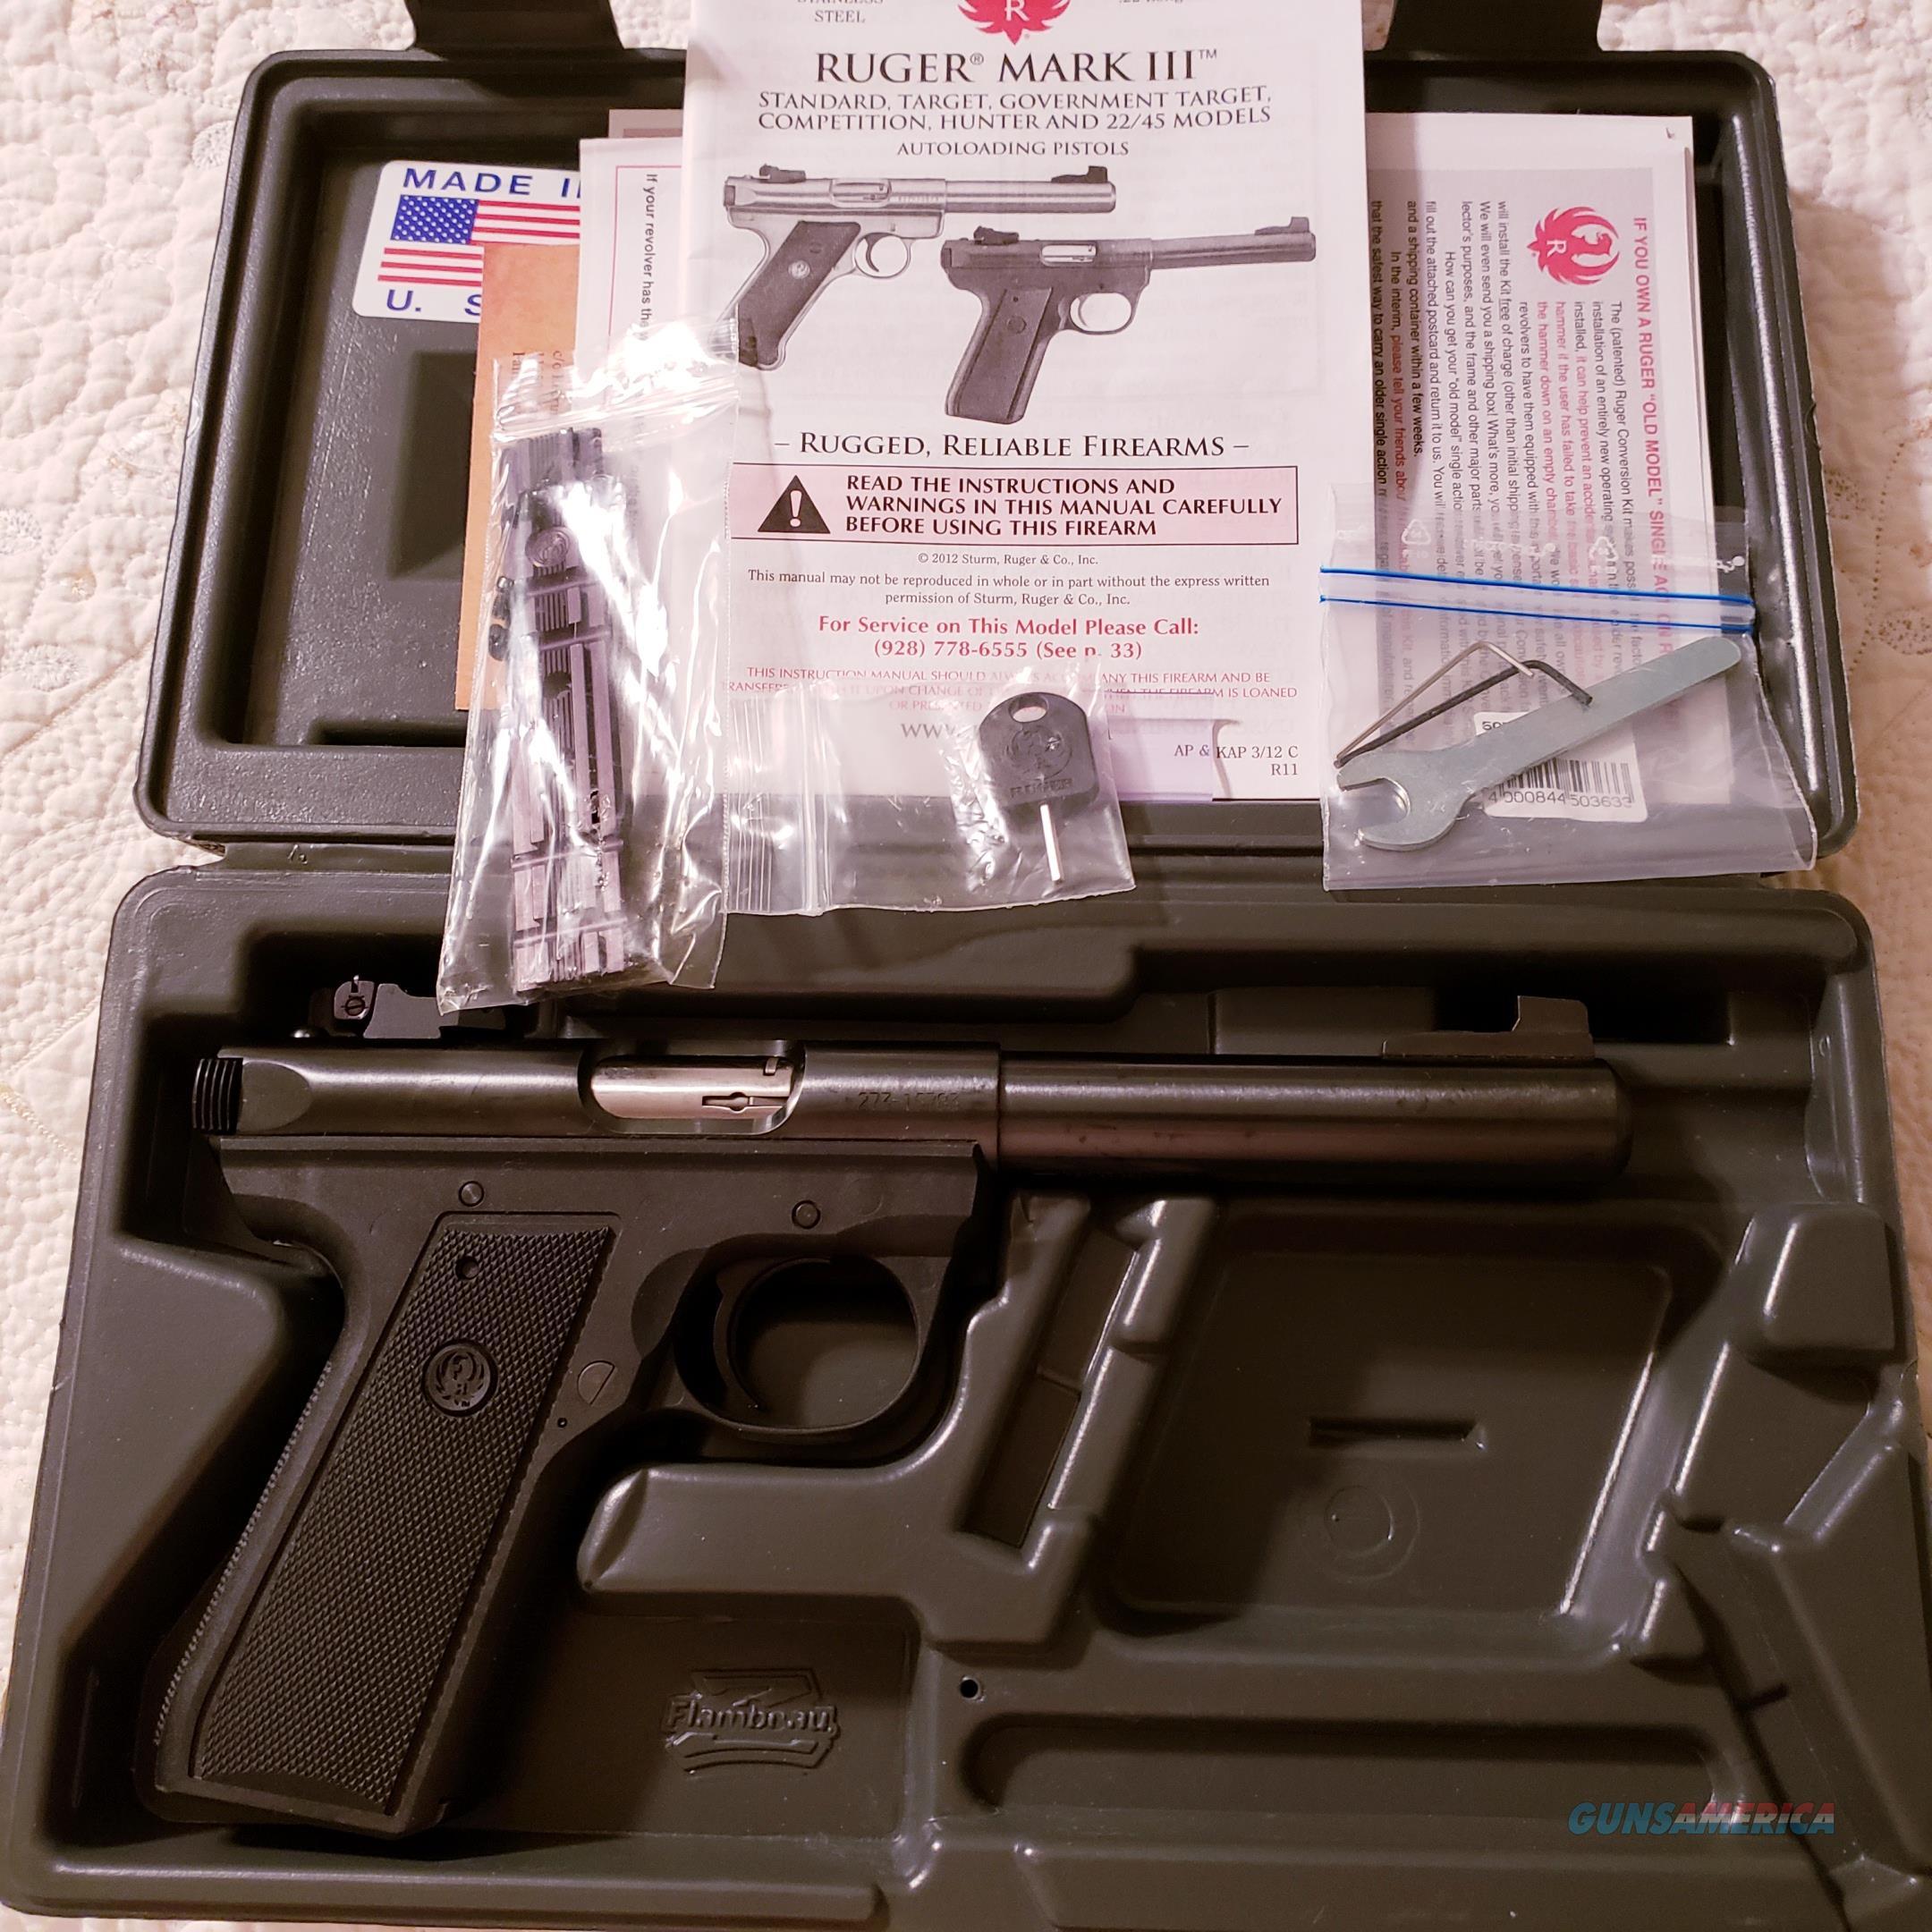 Ruger 10107 22/45 MKIII Pistol .22 LR 5.5in 10rd  Black Adjustable Sights  Guns > Pistols > Ruger Semi-Auto Pistols > 22/45